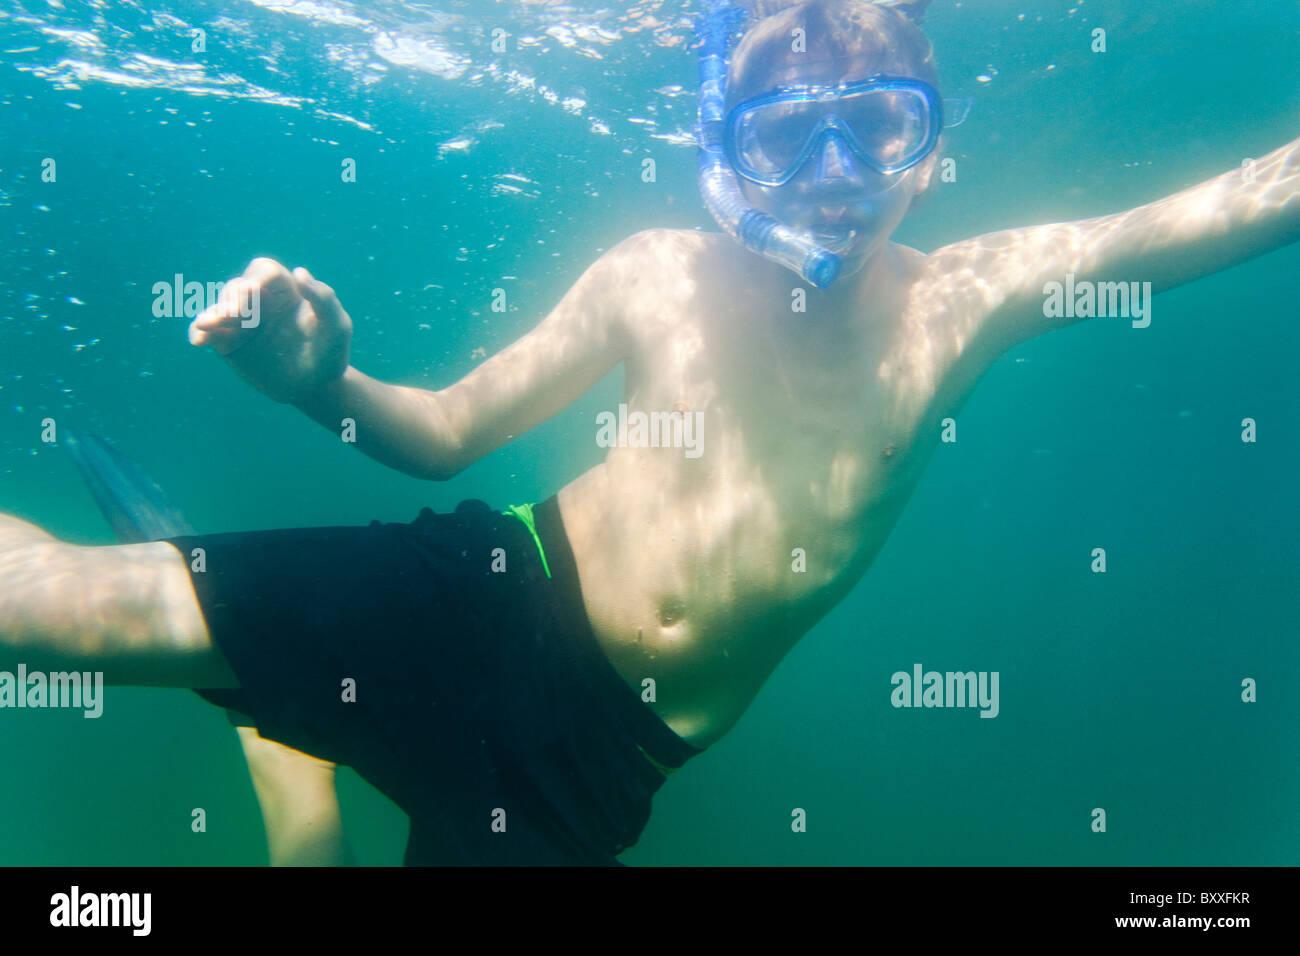 Adolescente snorkelling na água de Salto(Saltö) Suécia Imagens de Stock